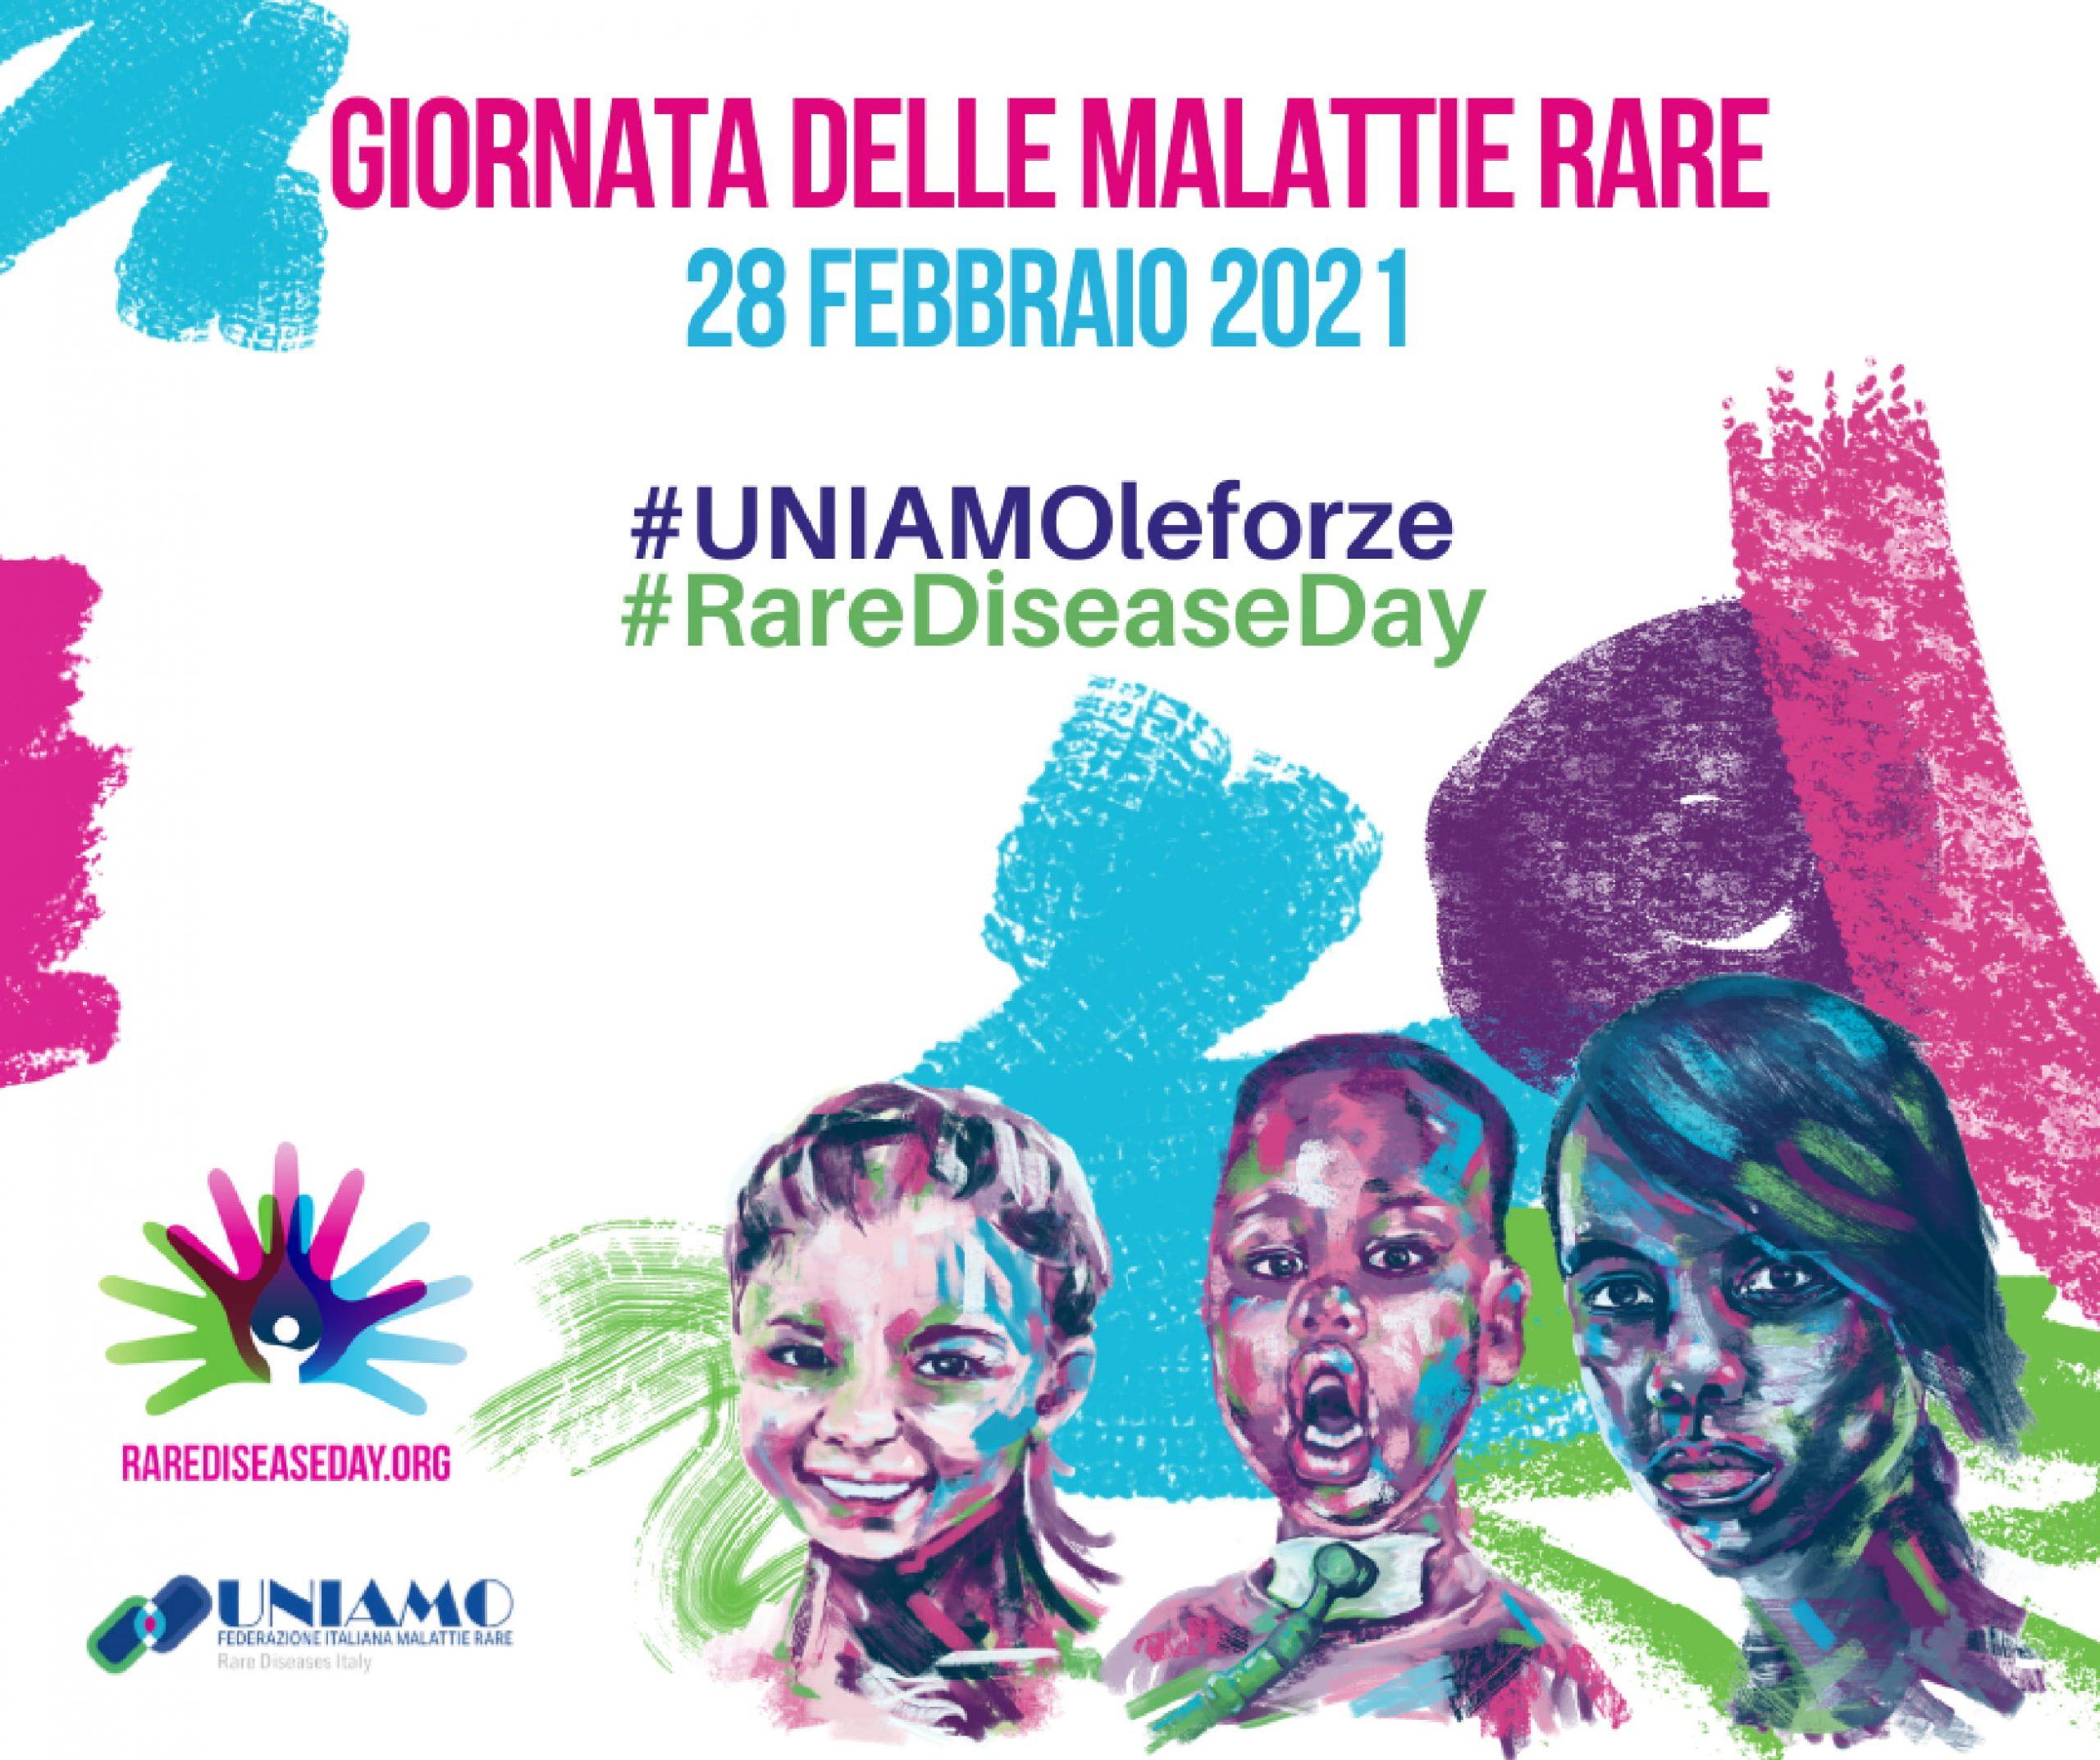 Giornata Mondiale delle Malattie Rare - 28 Febbraio 2021 -